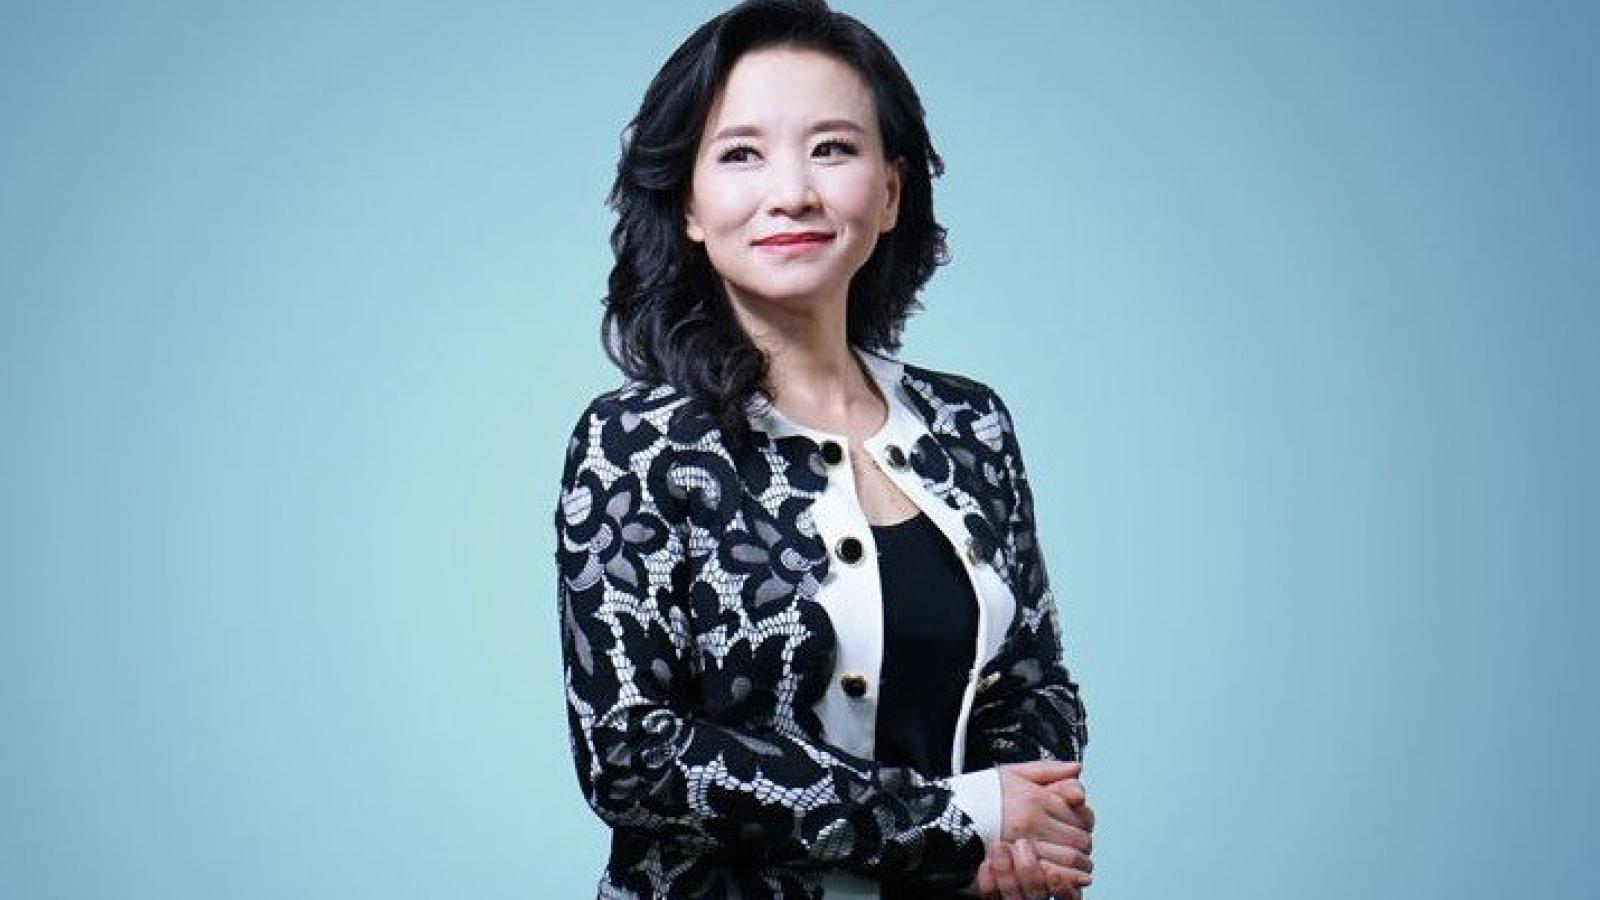 Trung Quốc bắt giữ một nhà báo Australia